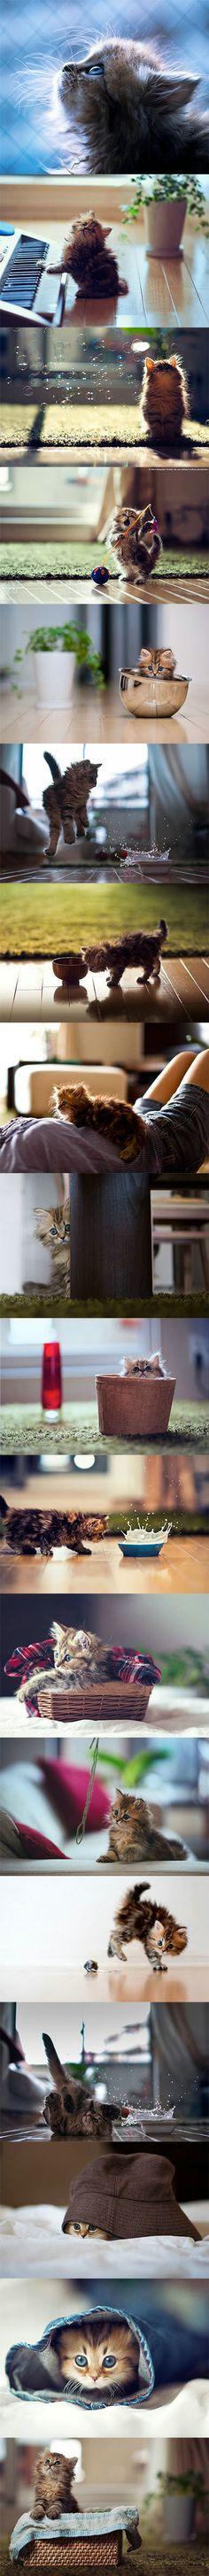 【萌死人不偿命】一位名叫Ben Torode的澳籍日本摄影爱好者用独特的视角为自己的小猫咪黛西拍摄了一组非常可爱的照片。黛西有着蓝色的眼睛,身形也很娇小。在主人的镜头下,黛西或是安静地凝望,或是调皮玩耍,有时也会探着脑袋露出好奇的表情。